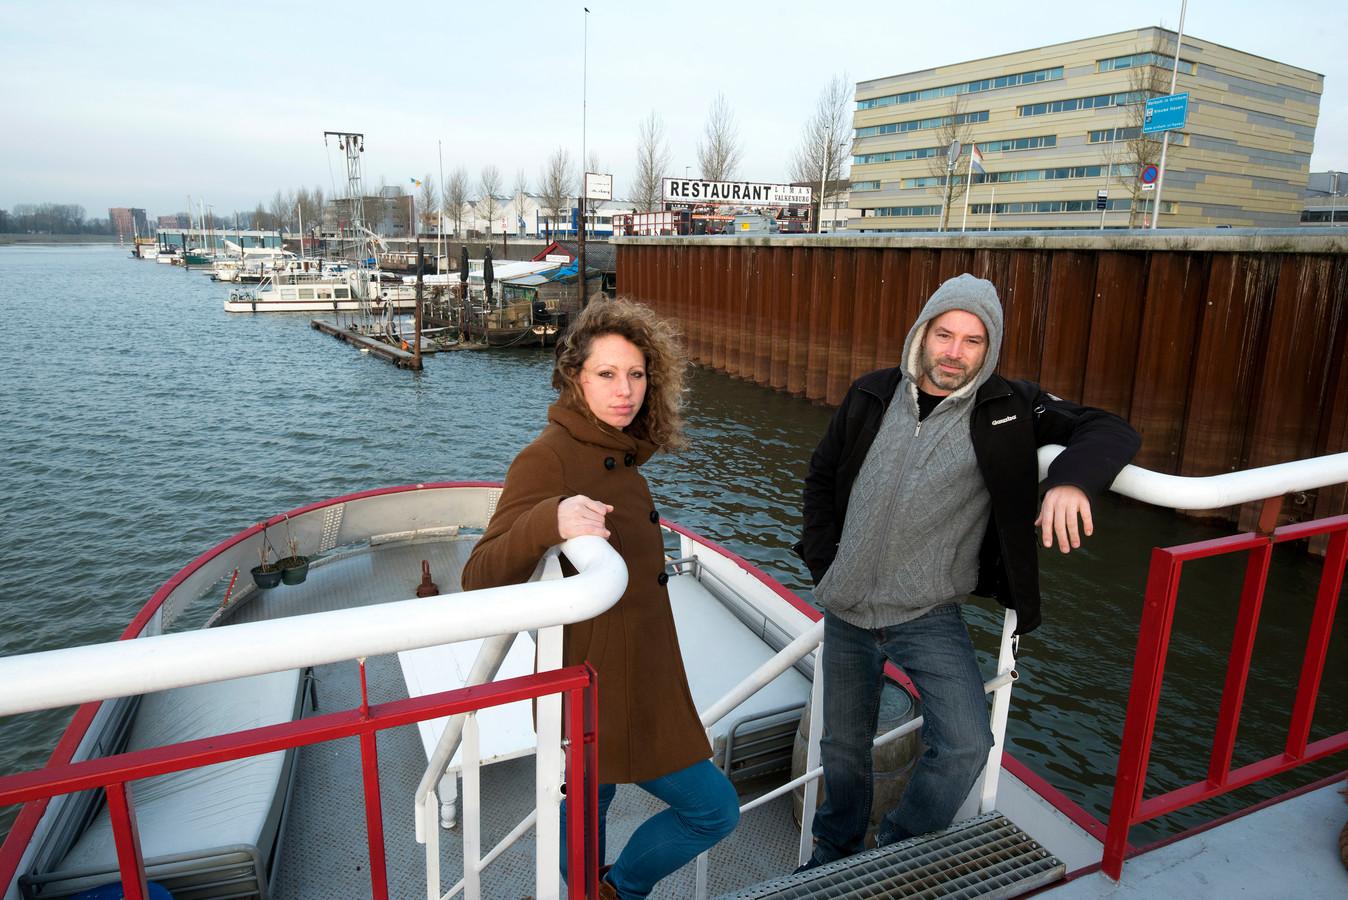 Archieffoto: Jeroen en Marloes Spaander vanaf hun Sealiberty uitkijkend over de Nieuwe Haven.